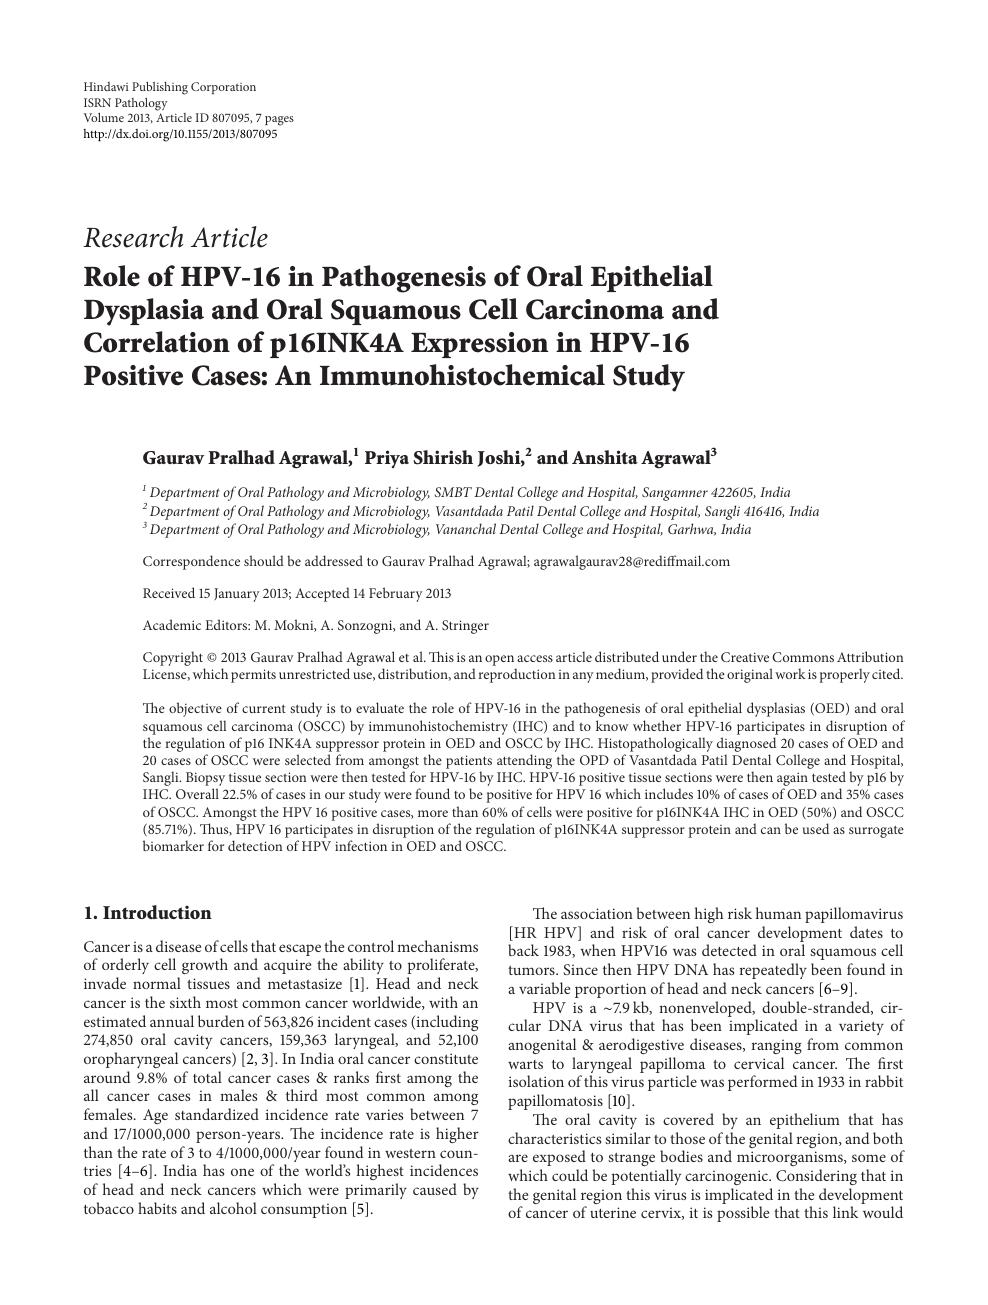 hpv research articles cancer malign la ochi